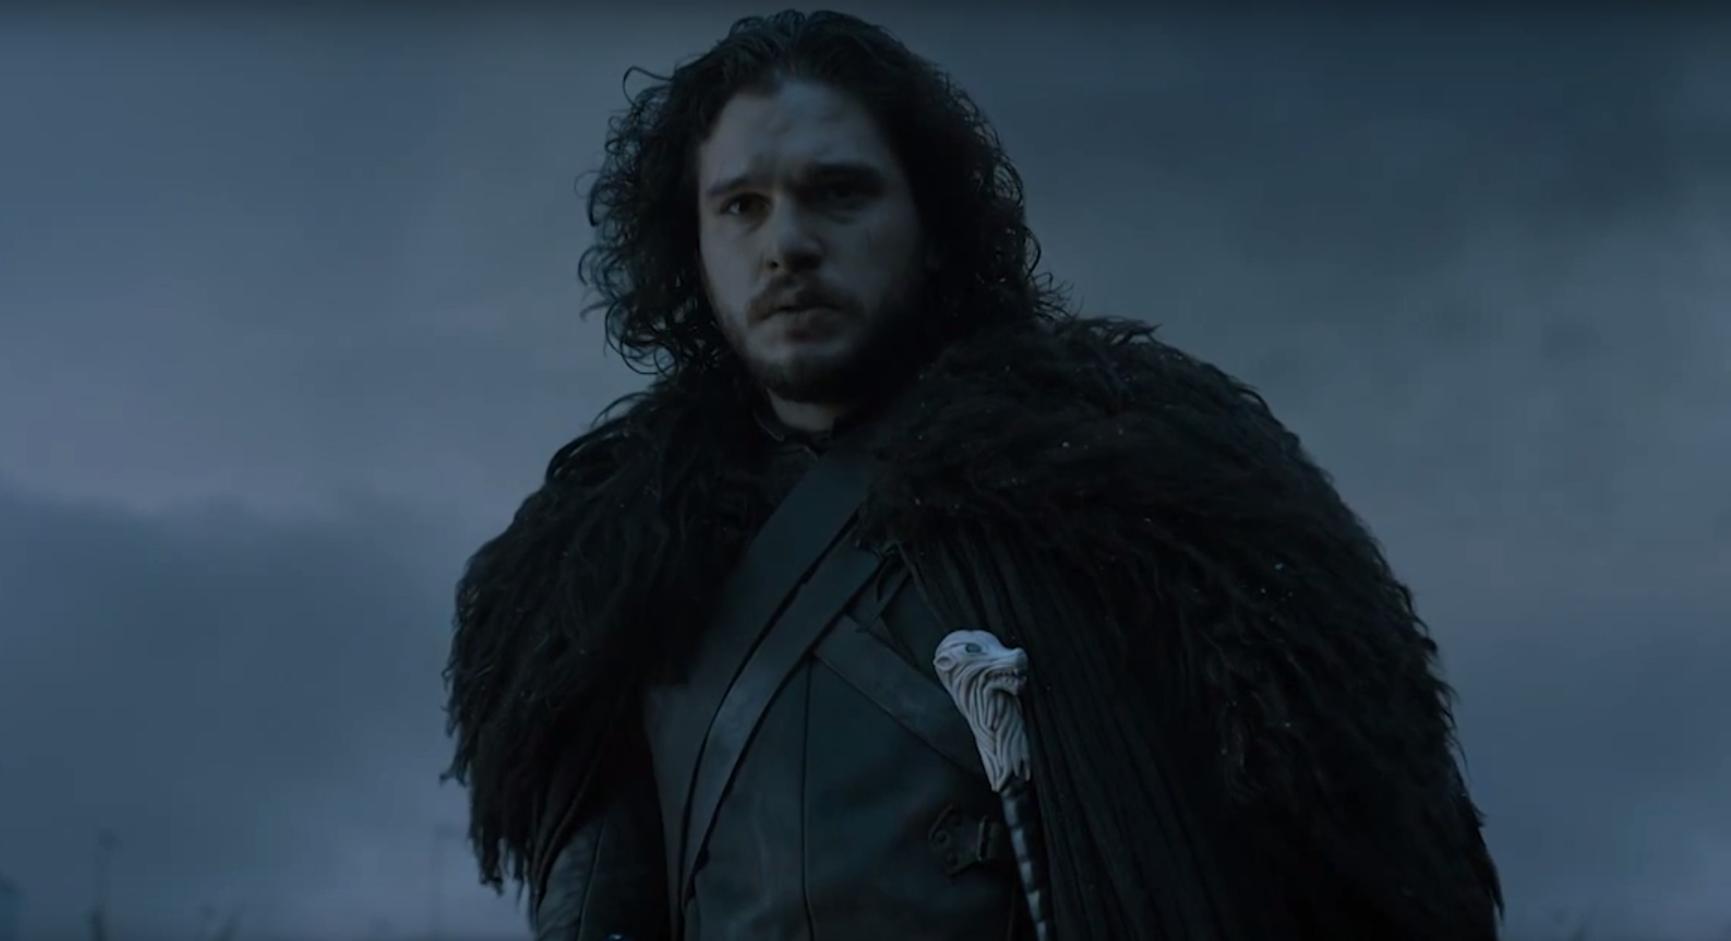 """Co nowy zwiastun 6 sezonu """"Gry o tron"""" mówi nam o nadchodzących wydarzeniach?"""